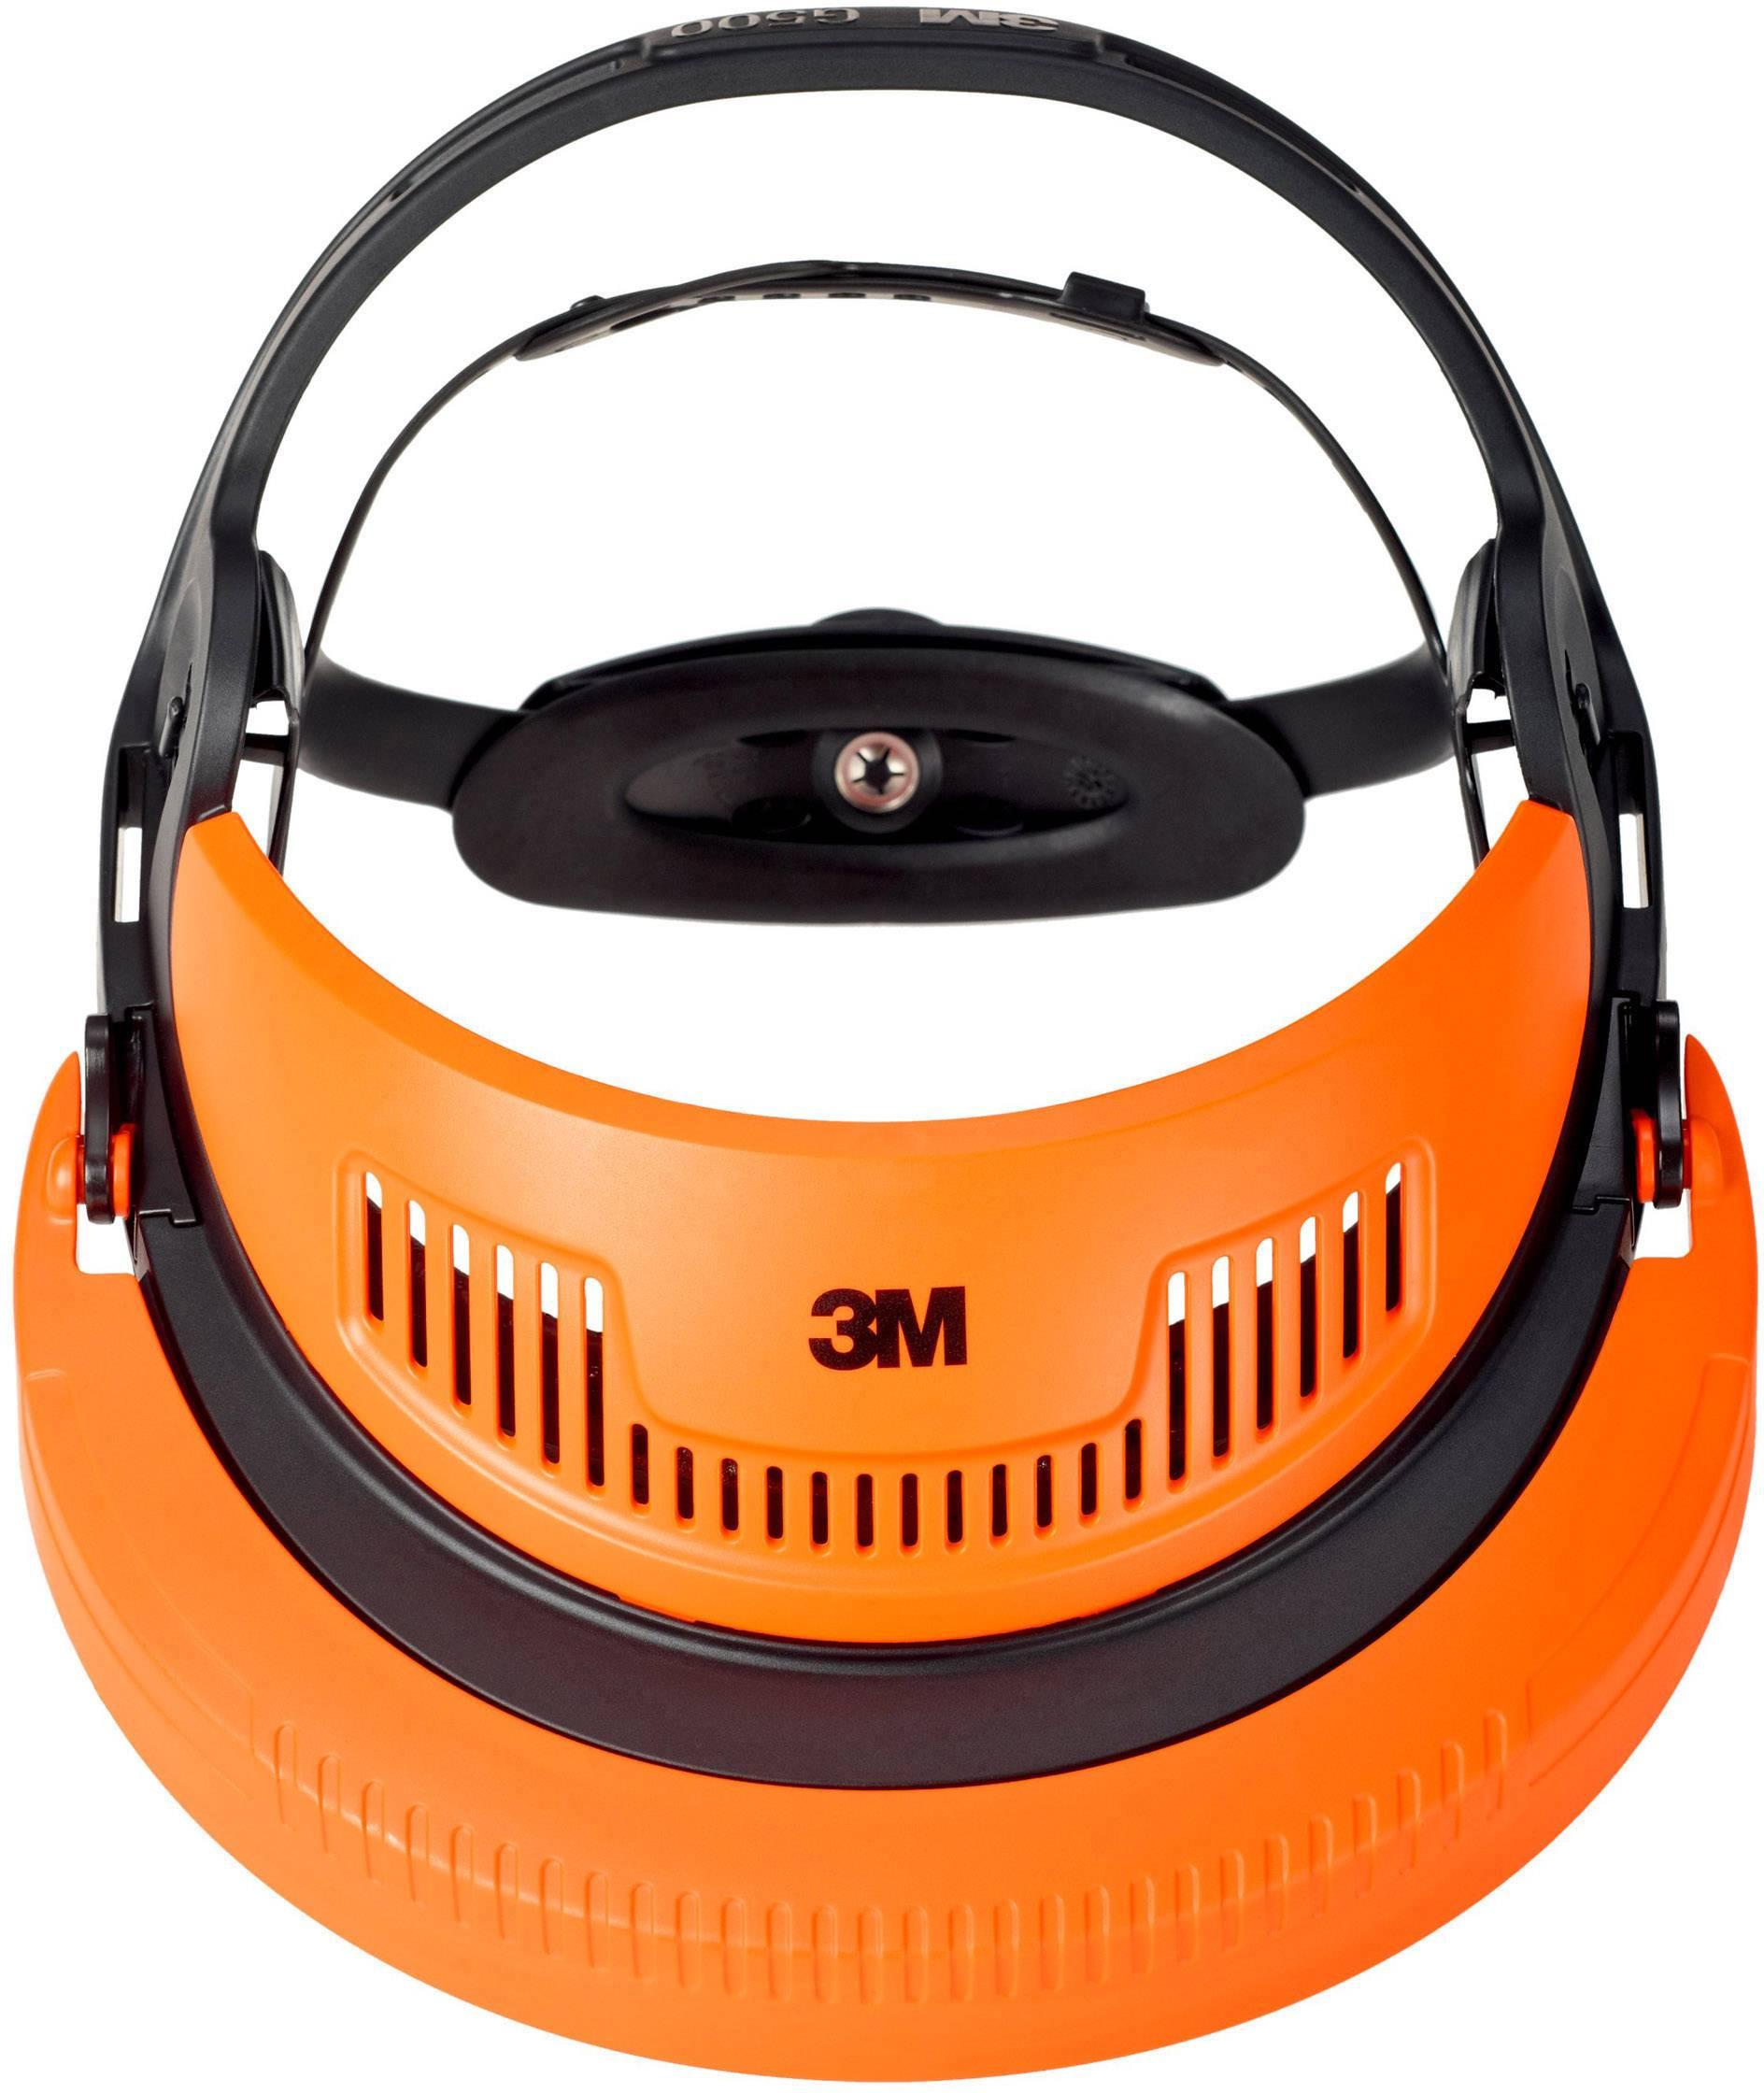 Ochranný obličejový štít 3M G500-OR 7000104156